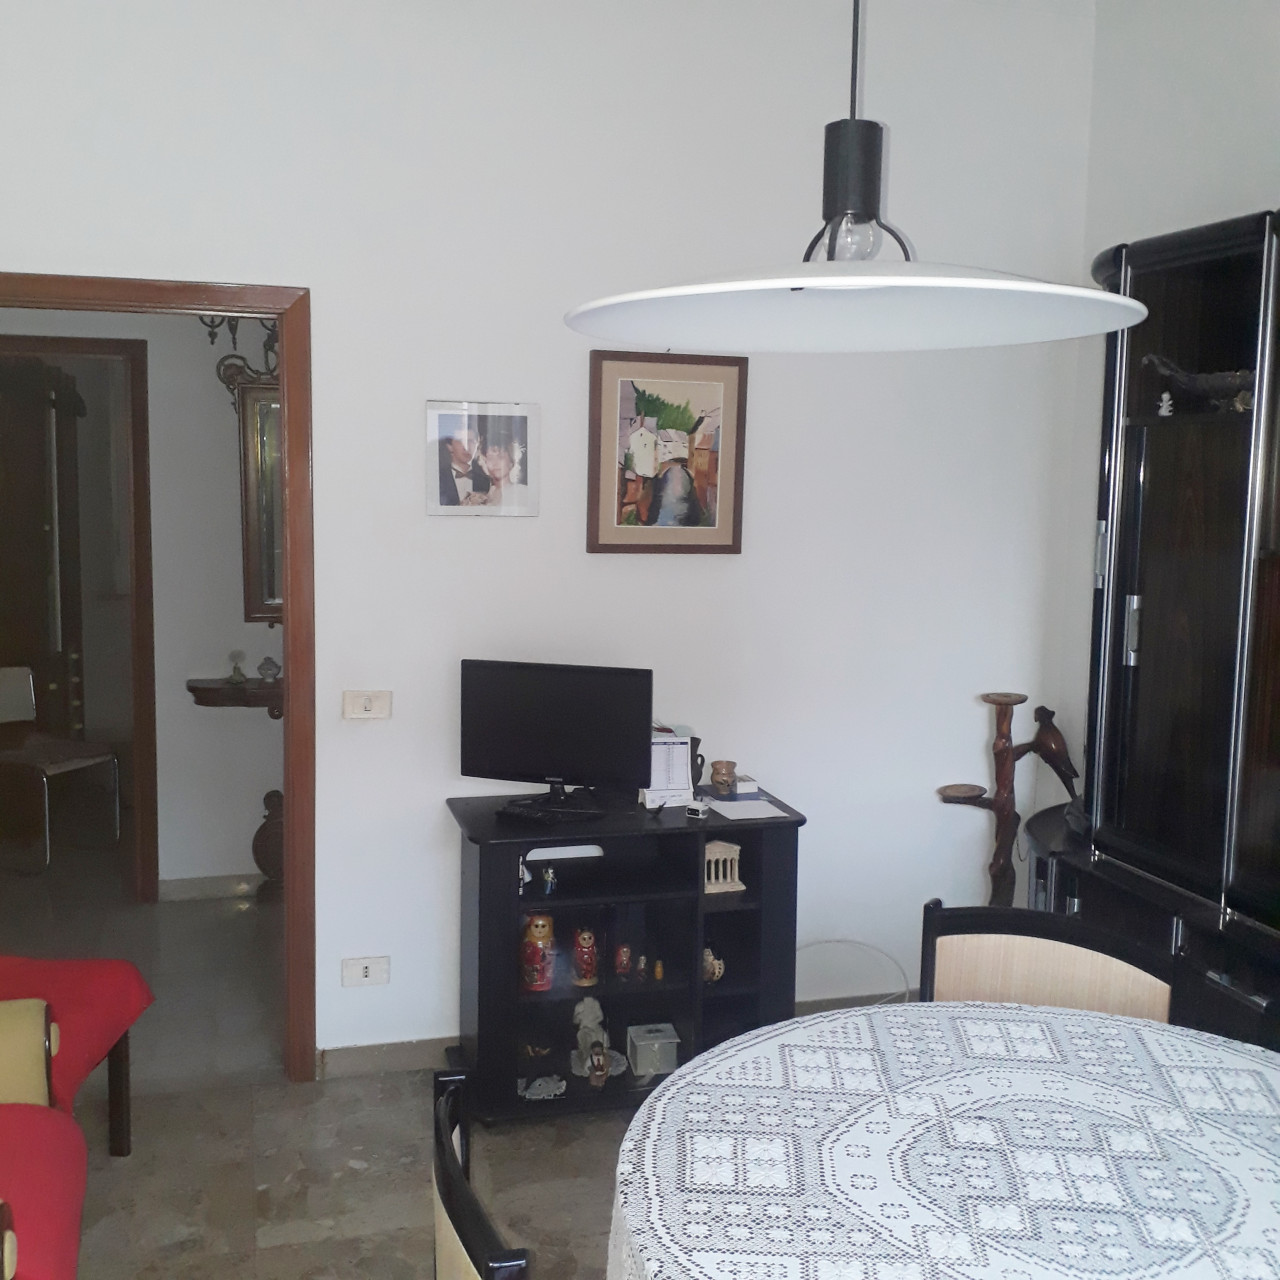 Adriatico, zona panoramica appartamento di mq 90 da sristrutturare internamente.